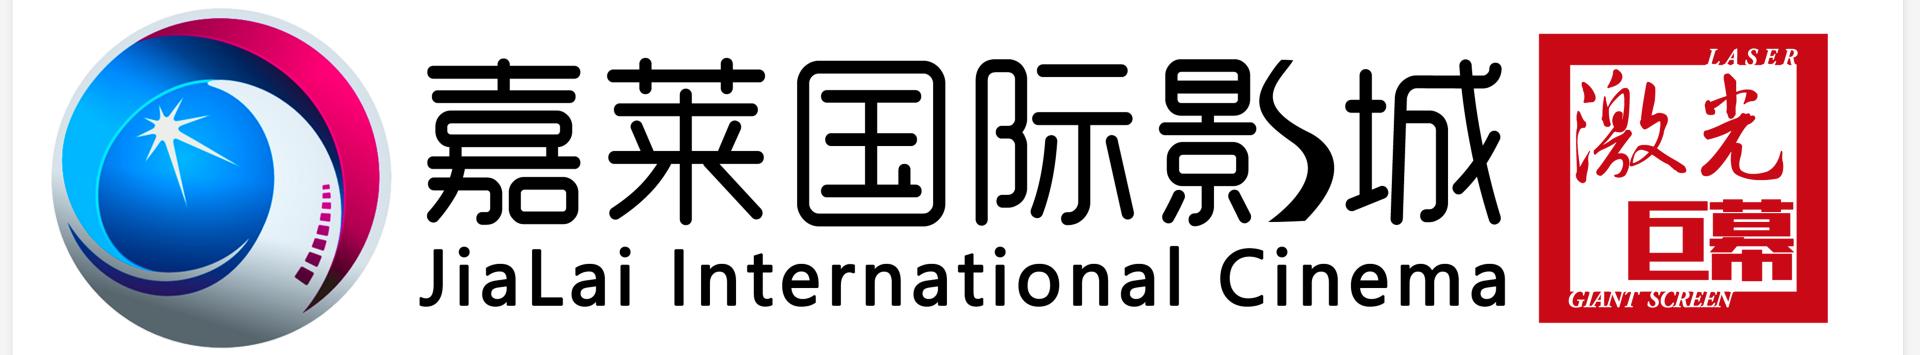 修水县嘉莱影视文化有限公司